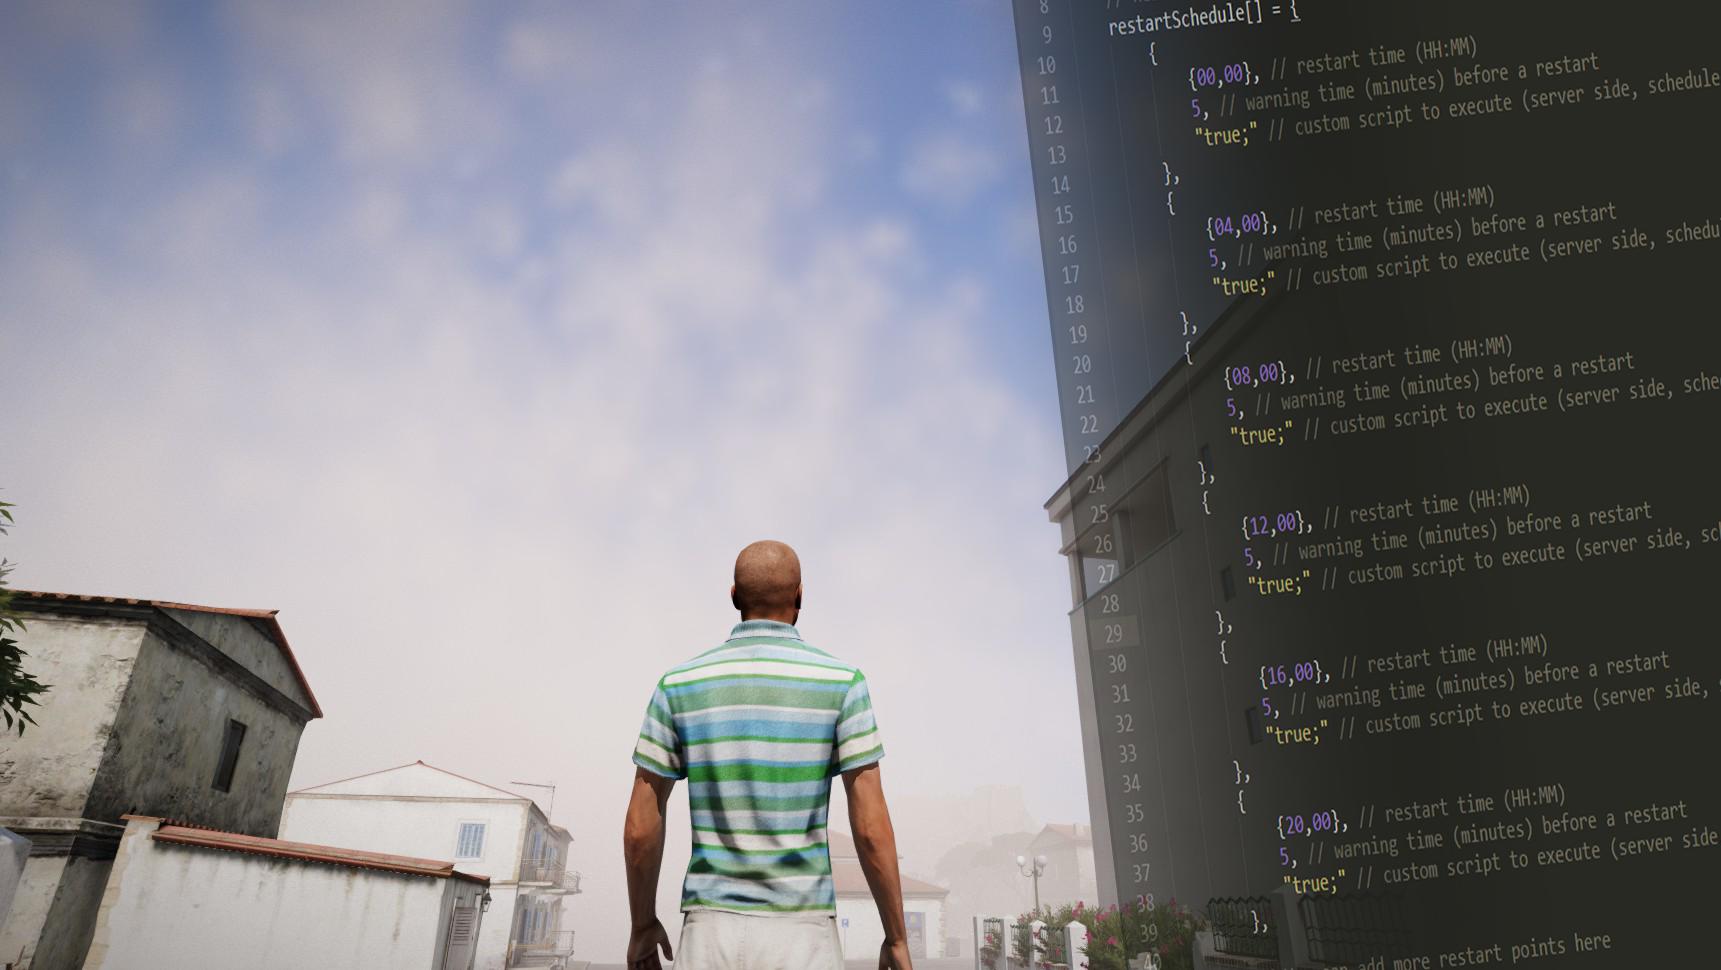 Scripted Server Restarts +